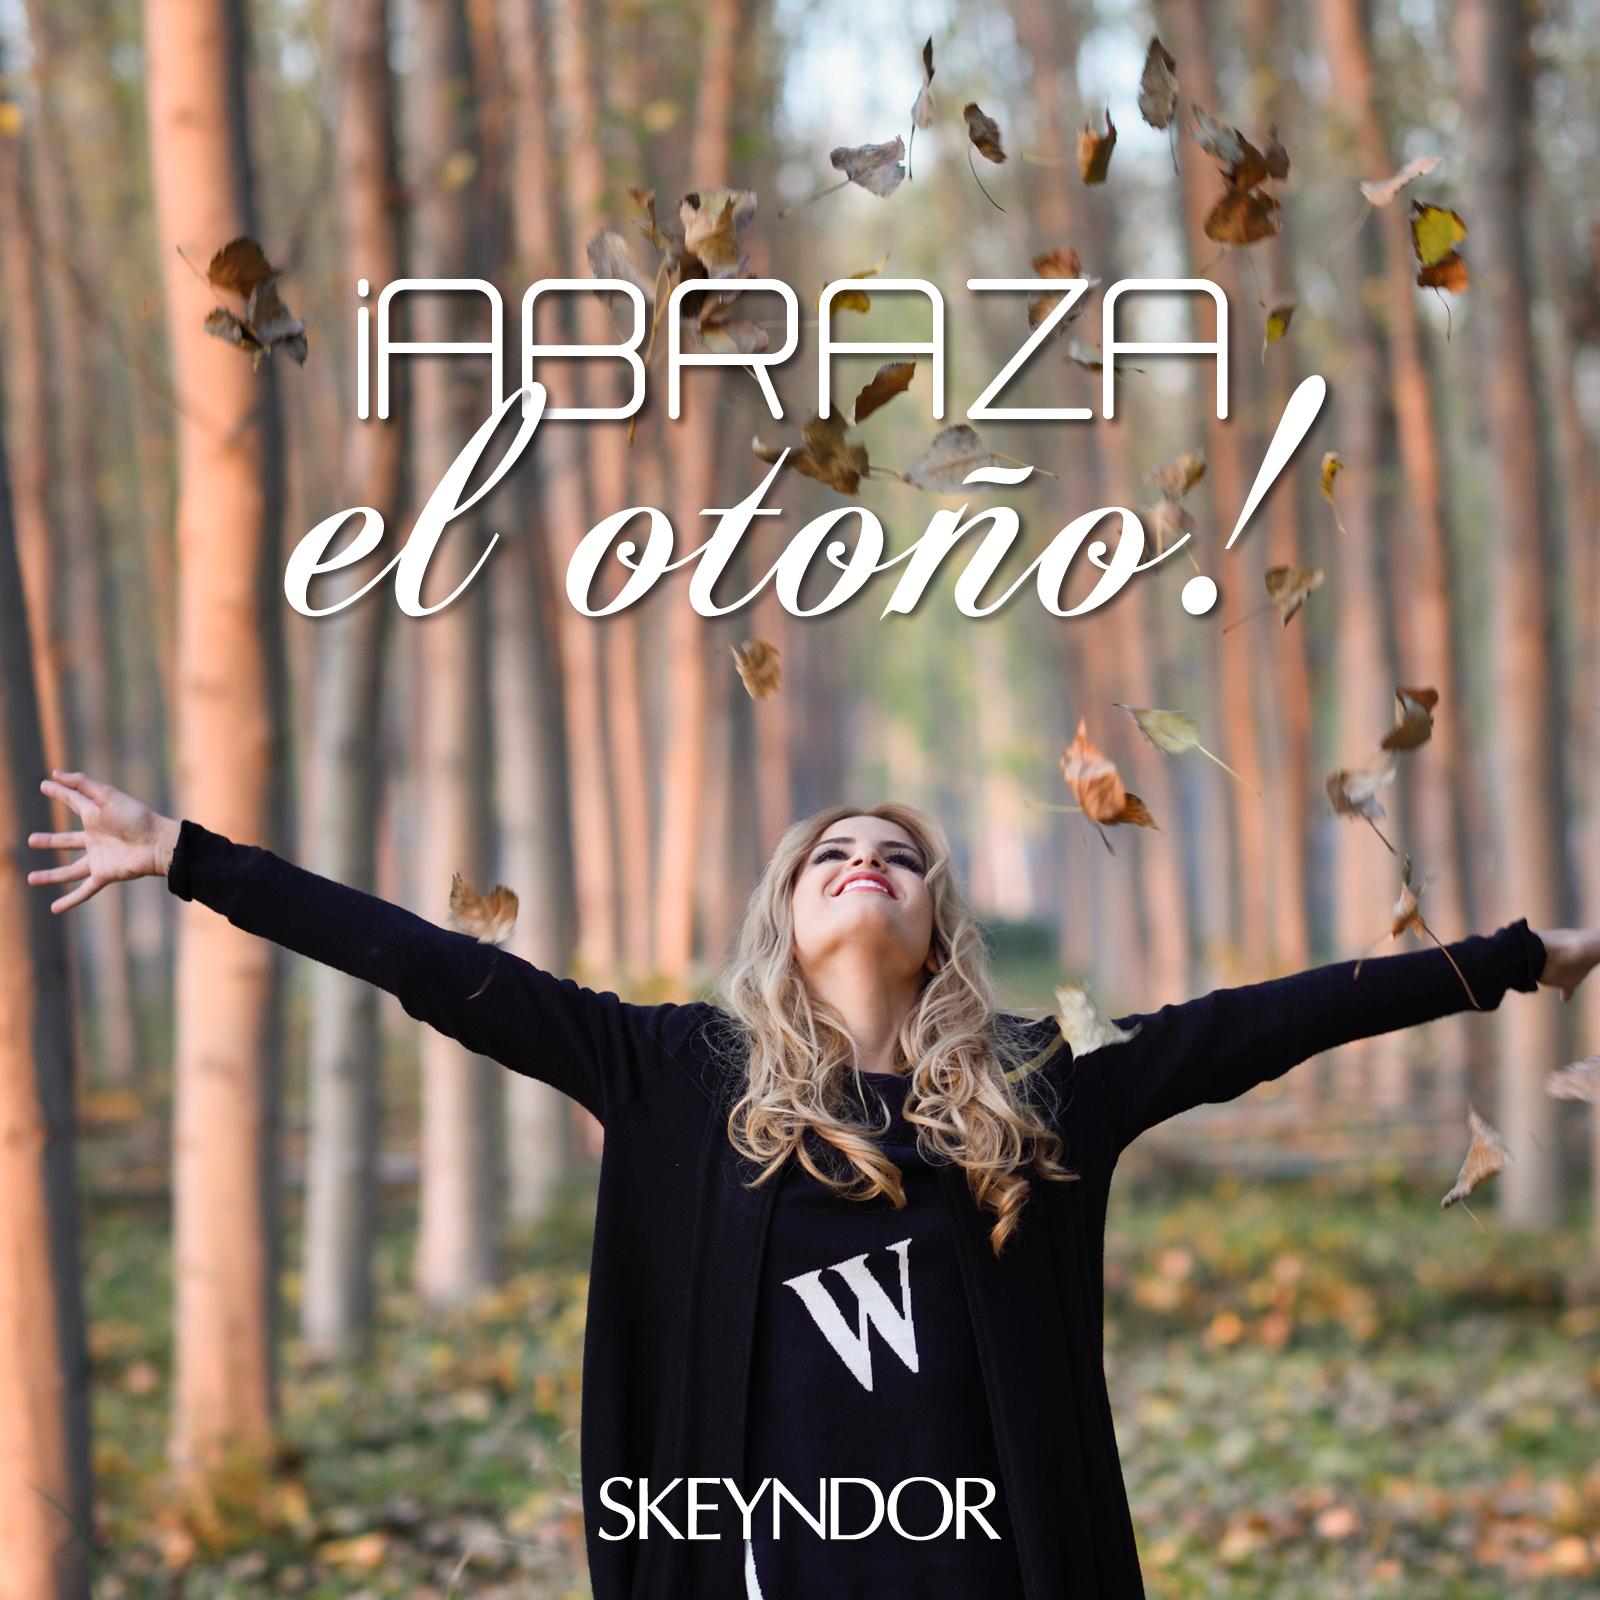 ¡Abraza el otoño!